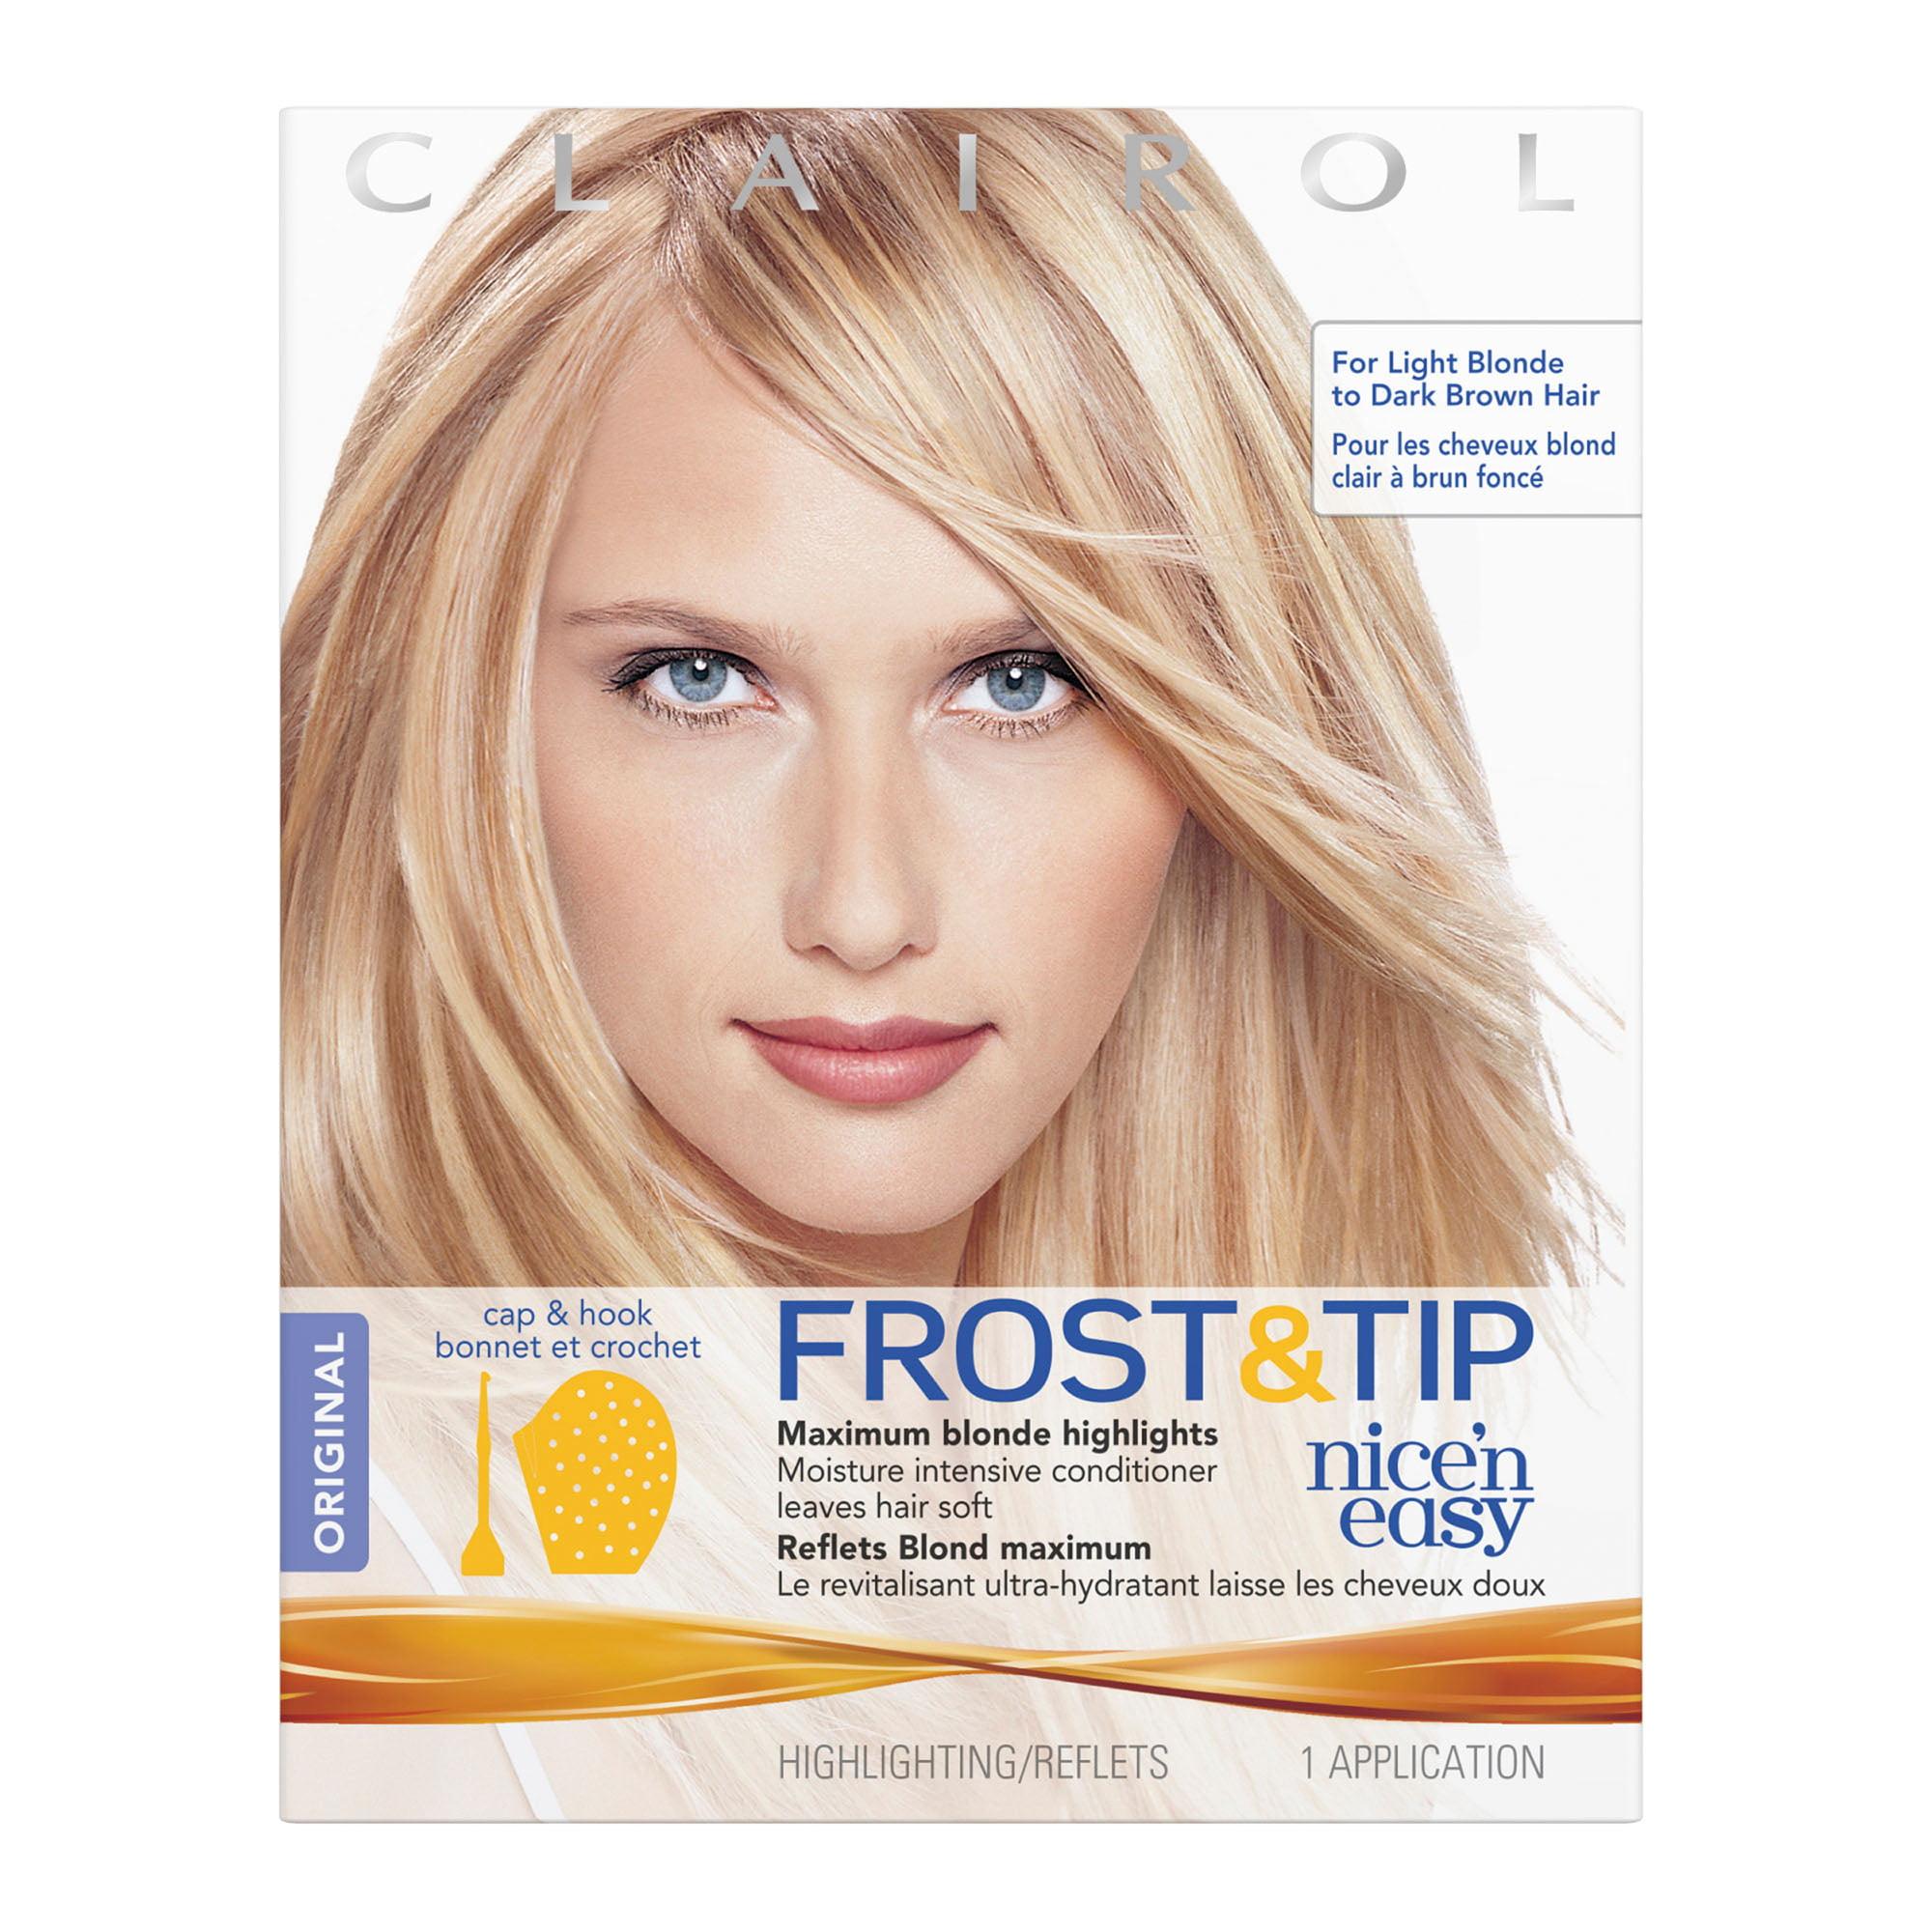 Clairol nice n easy frost tip original hair highlighting kit clairol nice n easy frost tip original hair highlighting kit walmart pmusecretfo Choice Image